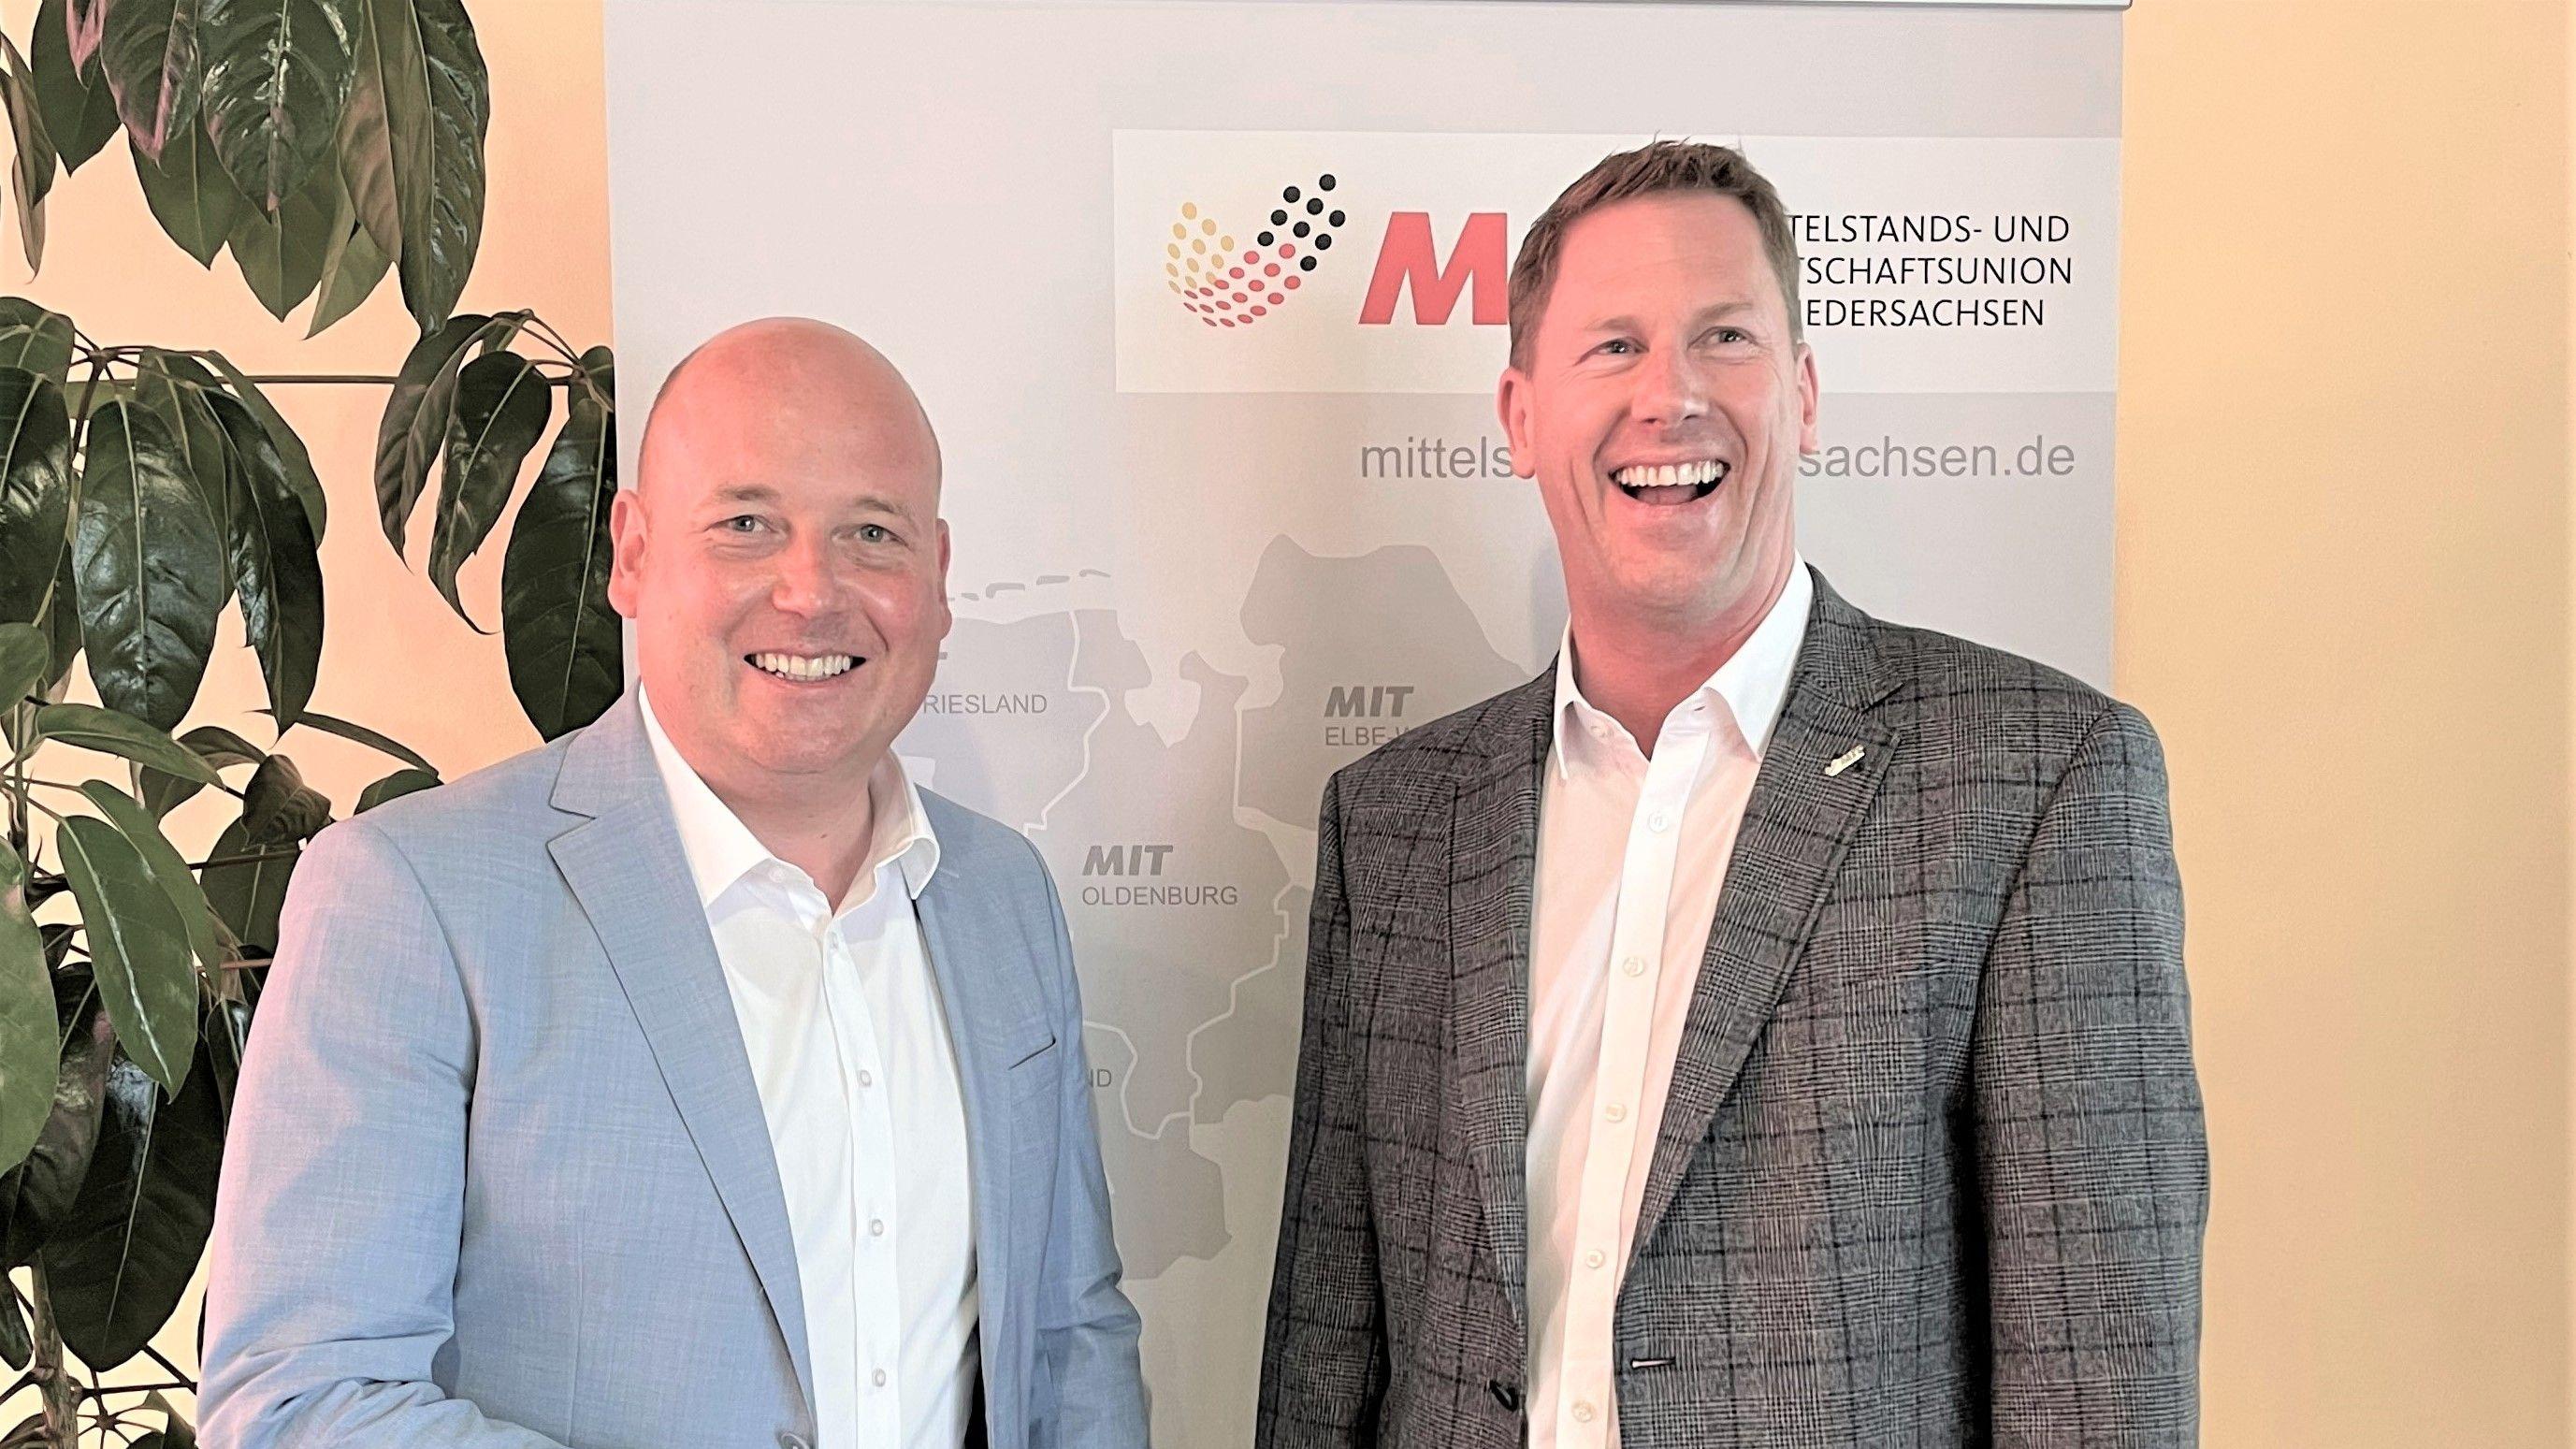 Der neue Vorsitzende im MIT-Landesverband Niedersachsen ist Holger Bormann (links). Einer seiner Stellvertreter ist der Friesoyther Alexander Prox. Foto: Preugschat